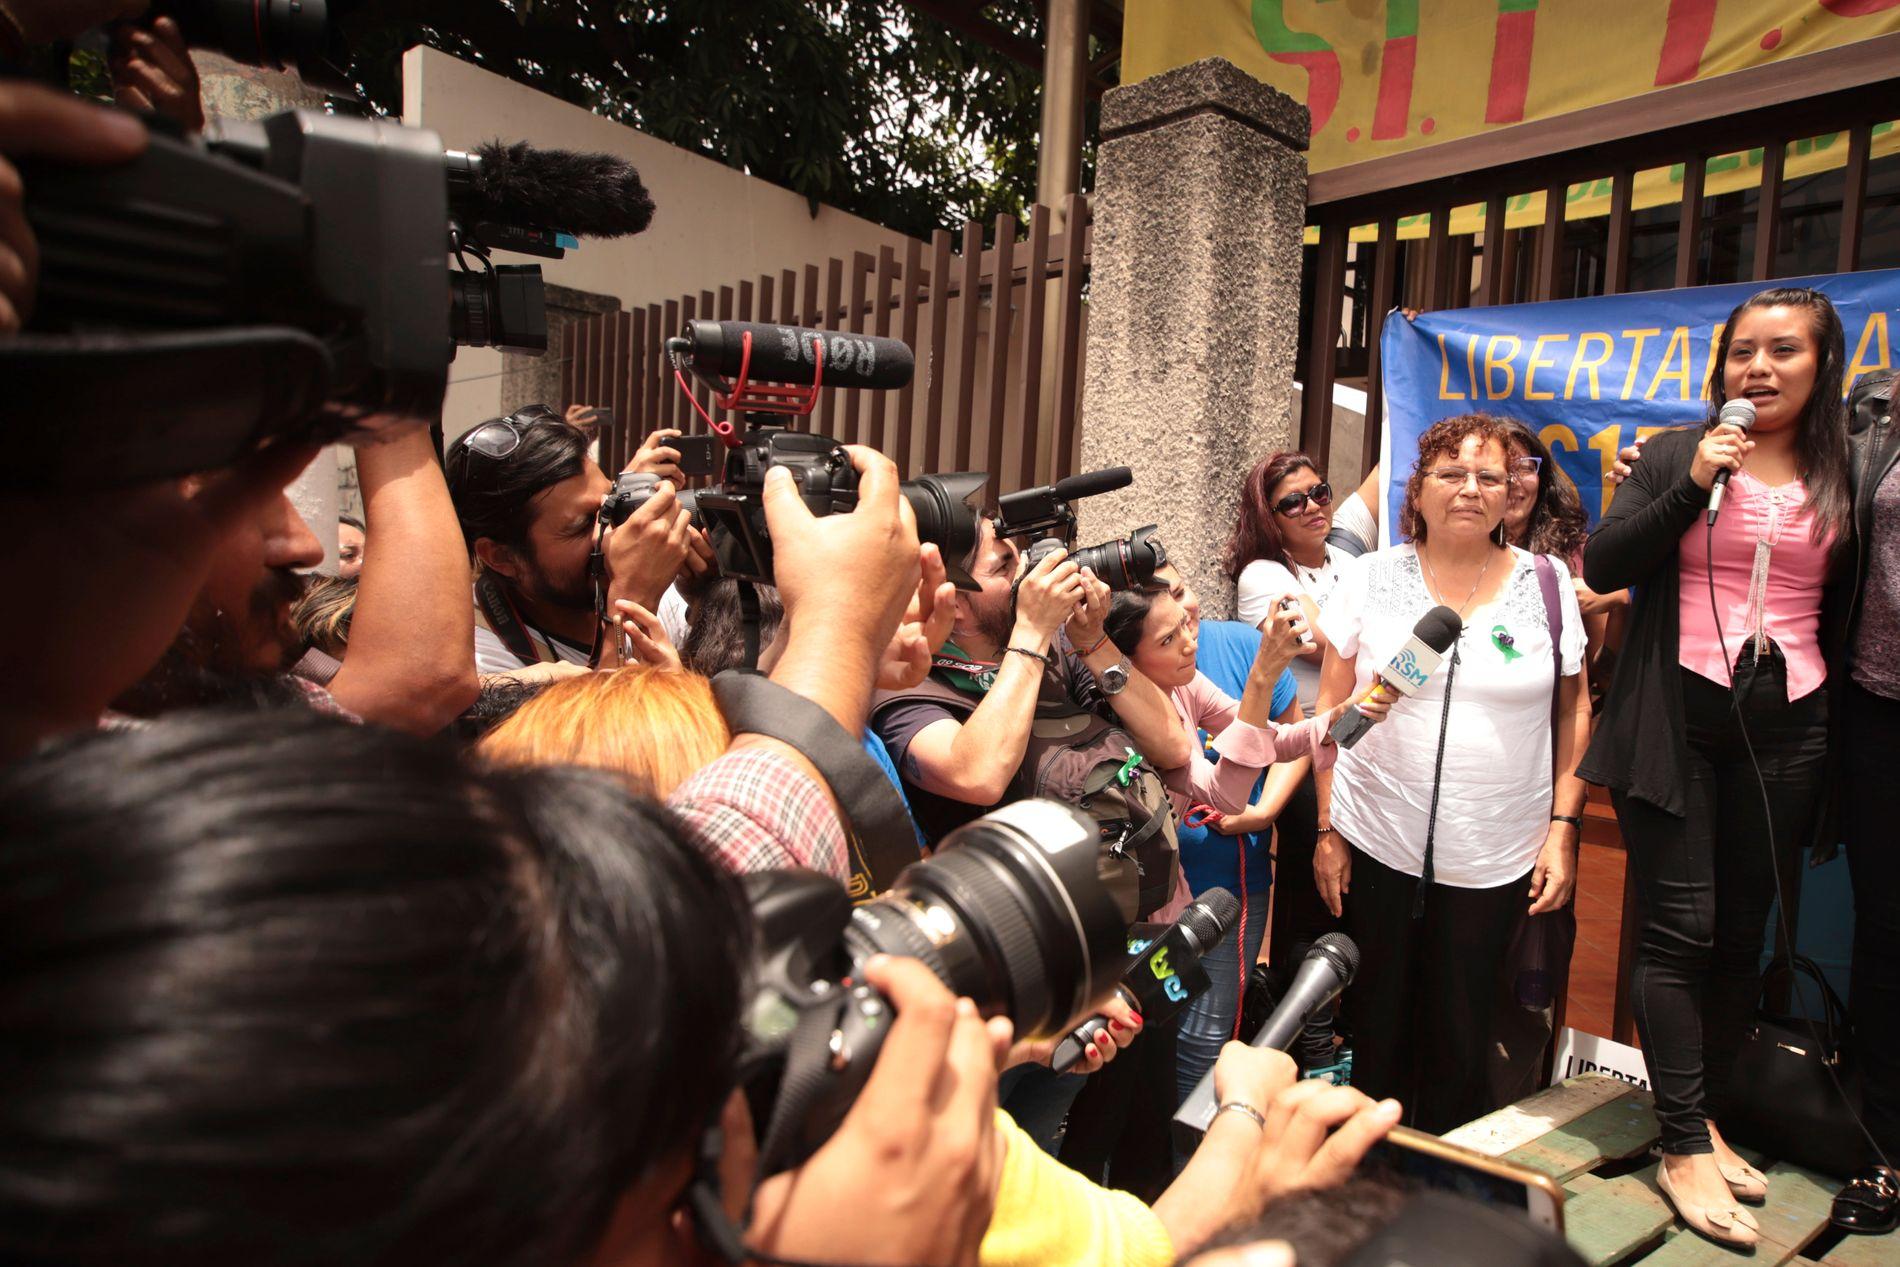 Dommeren i saken mener at det ikke finnes noen beviser for at Evelyn Hernandez (21) drepte barnet sitt. Barnet ble født dødt. Foto: AP / NTB scanpix